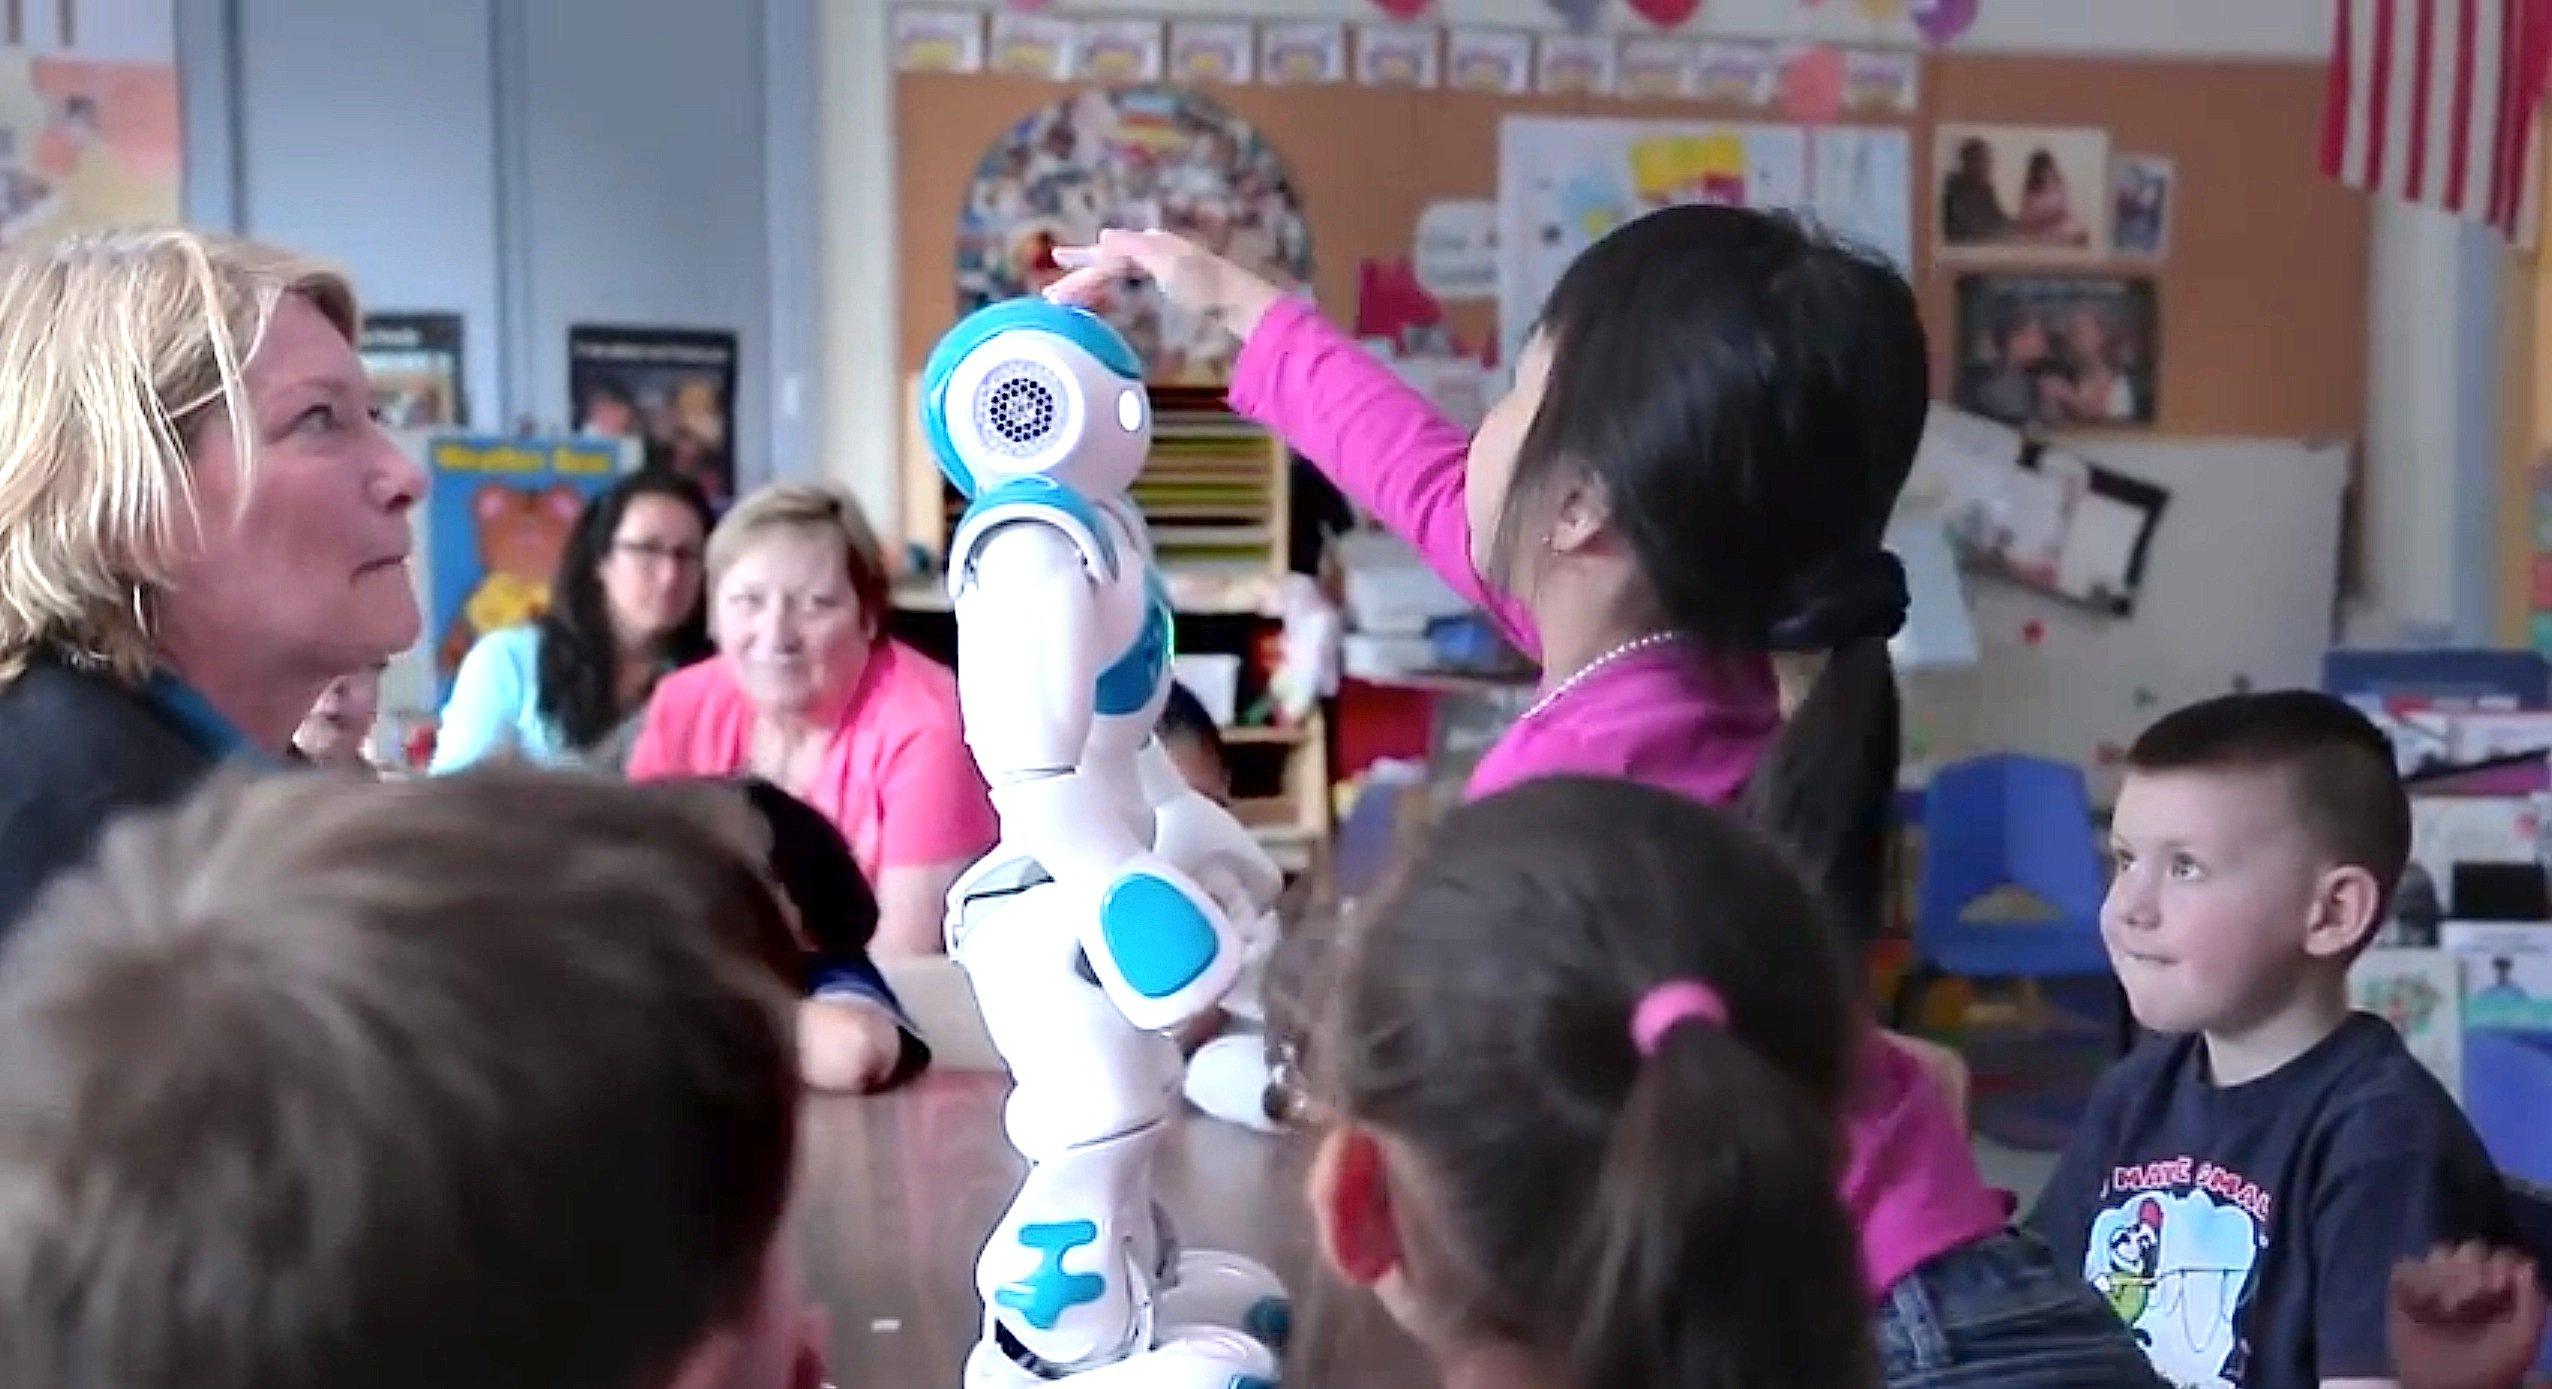 Nao soll sogar in Schulklassen eingesetzt werden, um das Lernen zu unterstützen.